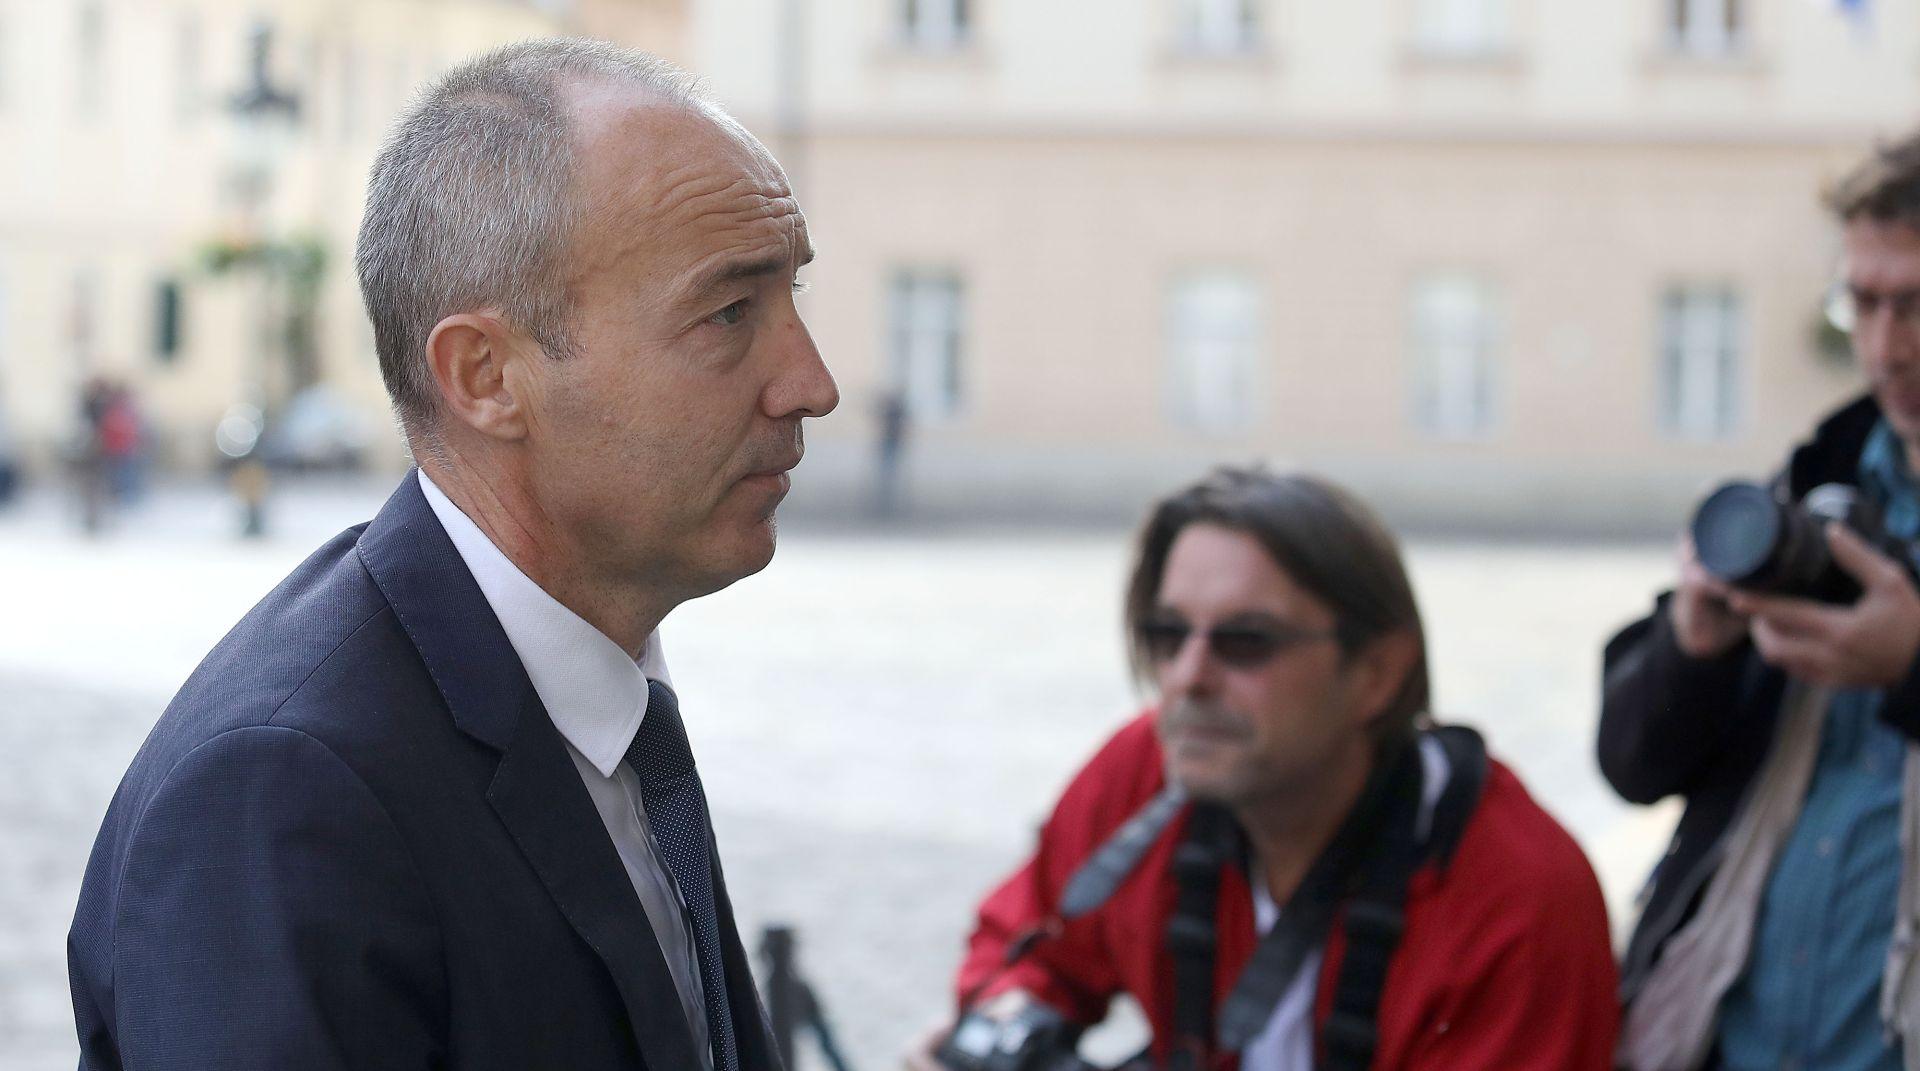 Ministar Krstičević zadovoljan početnim konsenzusom oko izrade prijedloga Strategije nacionalne sigurnosti